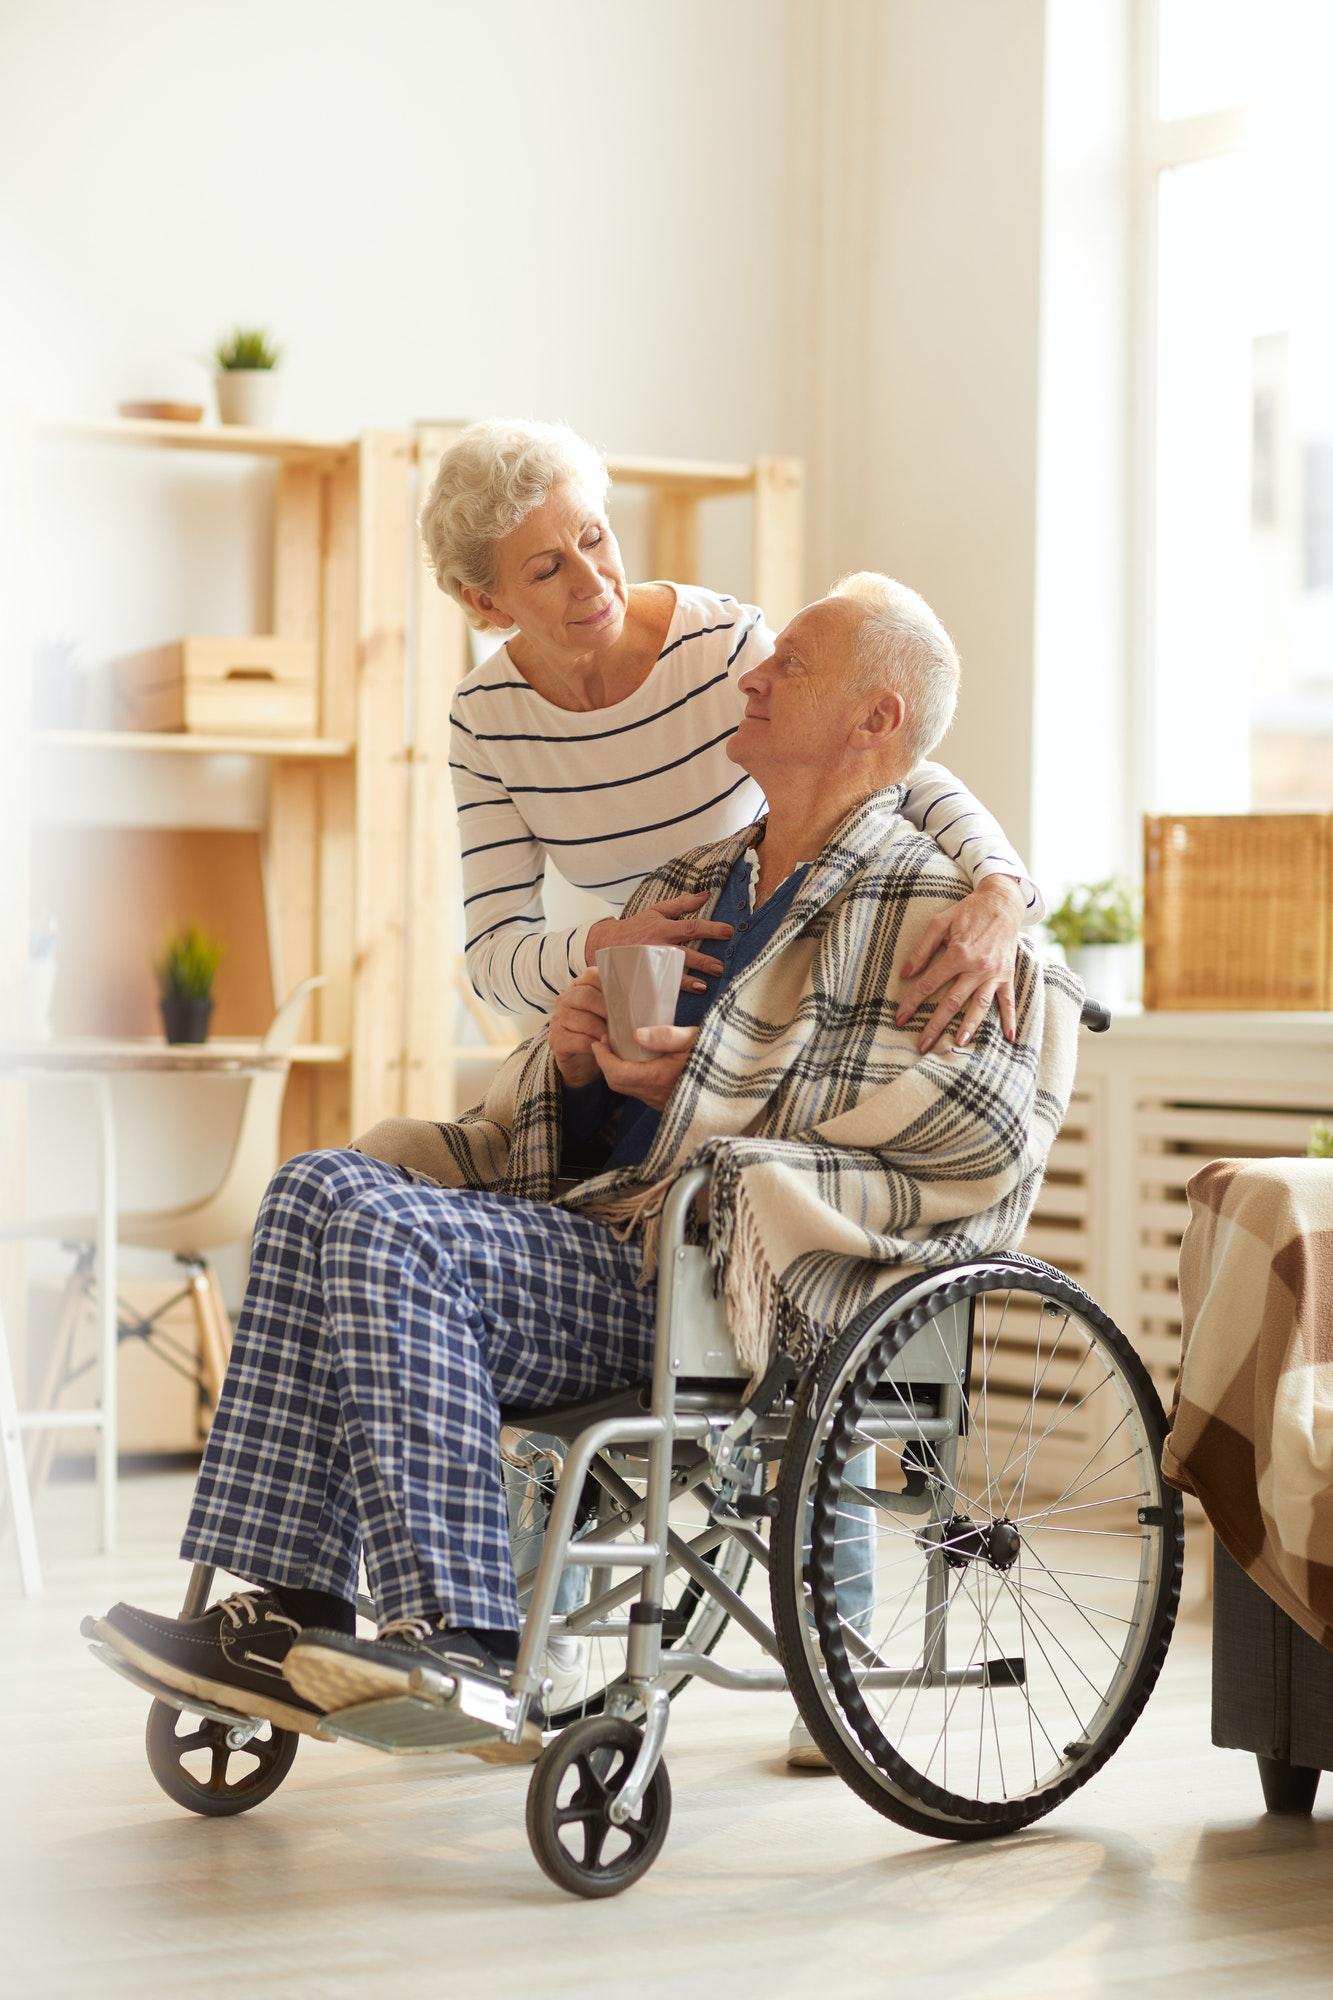 Caring Senior Couple